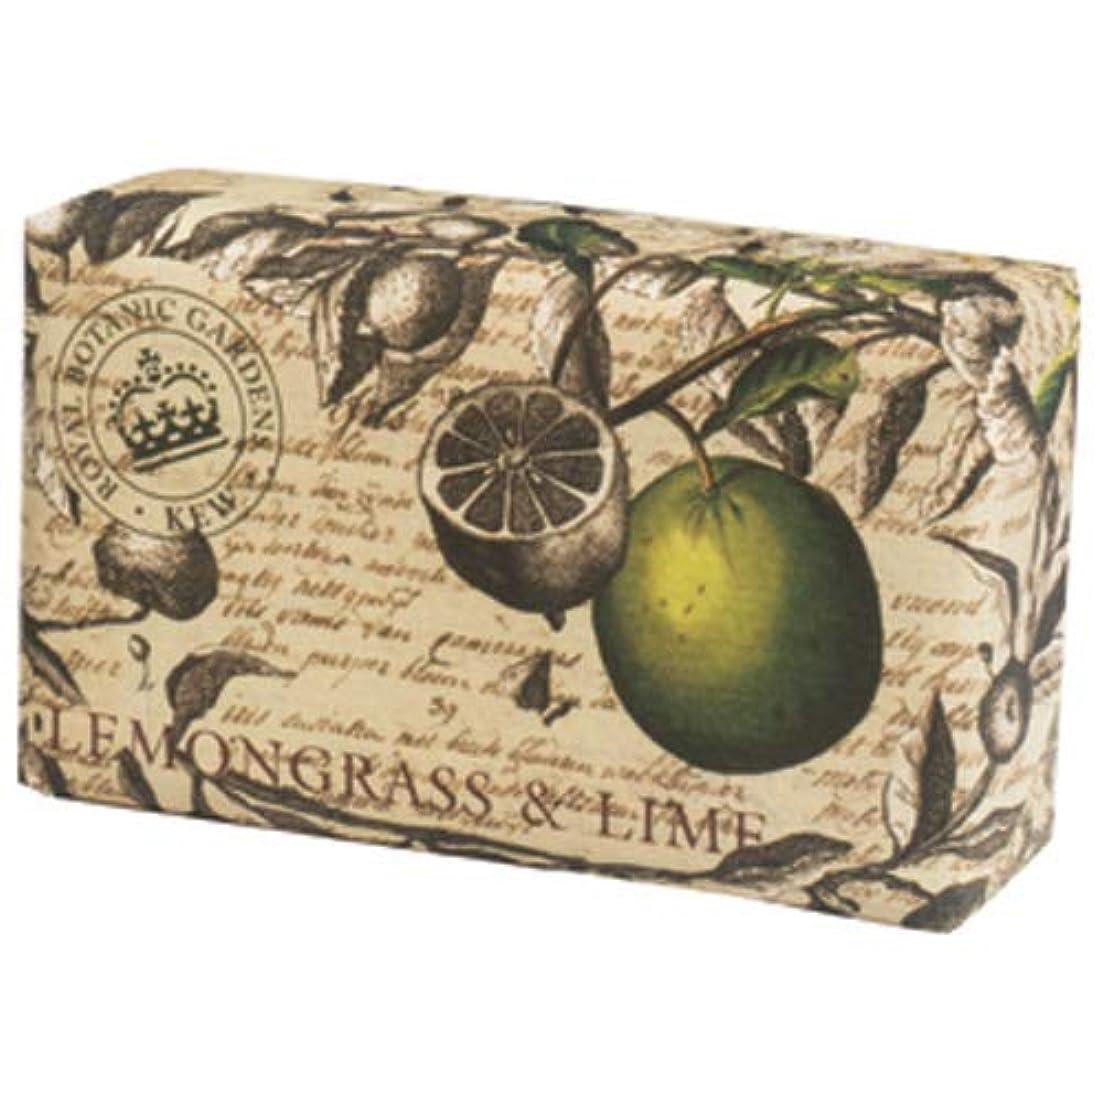 半円分岐する愛人English Soap Company イングリッシュソープカンパニー KEW GARDEN キュー?ガーデン Luxury Scrub Soaps スクラブソープ Lemongrass & Lime レモングラス&ライム